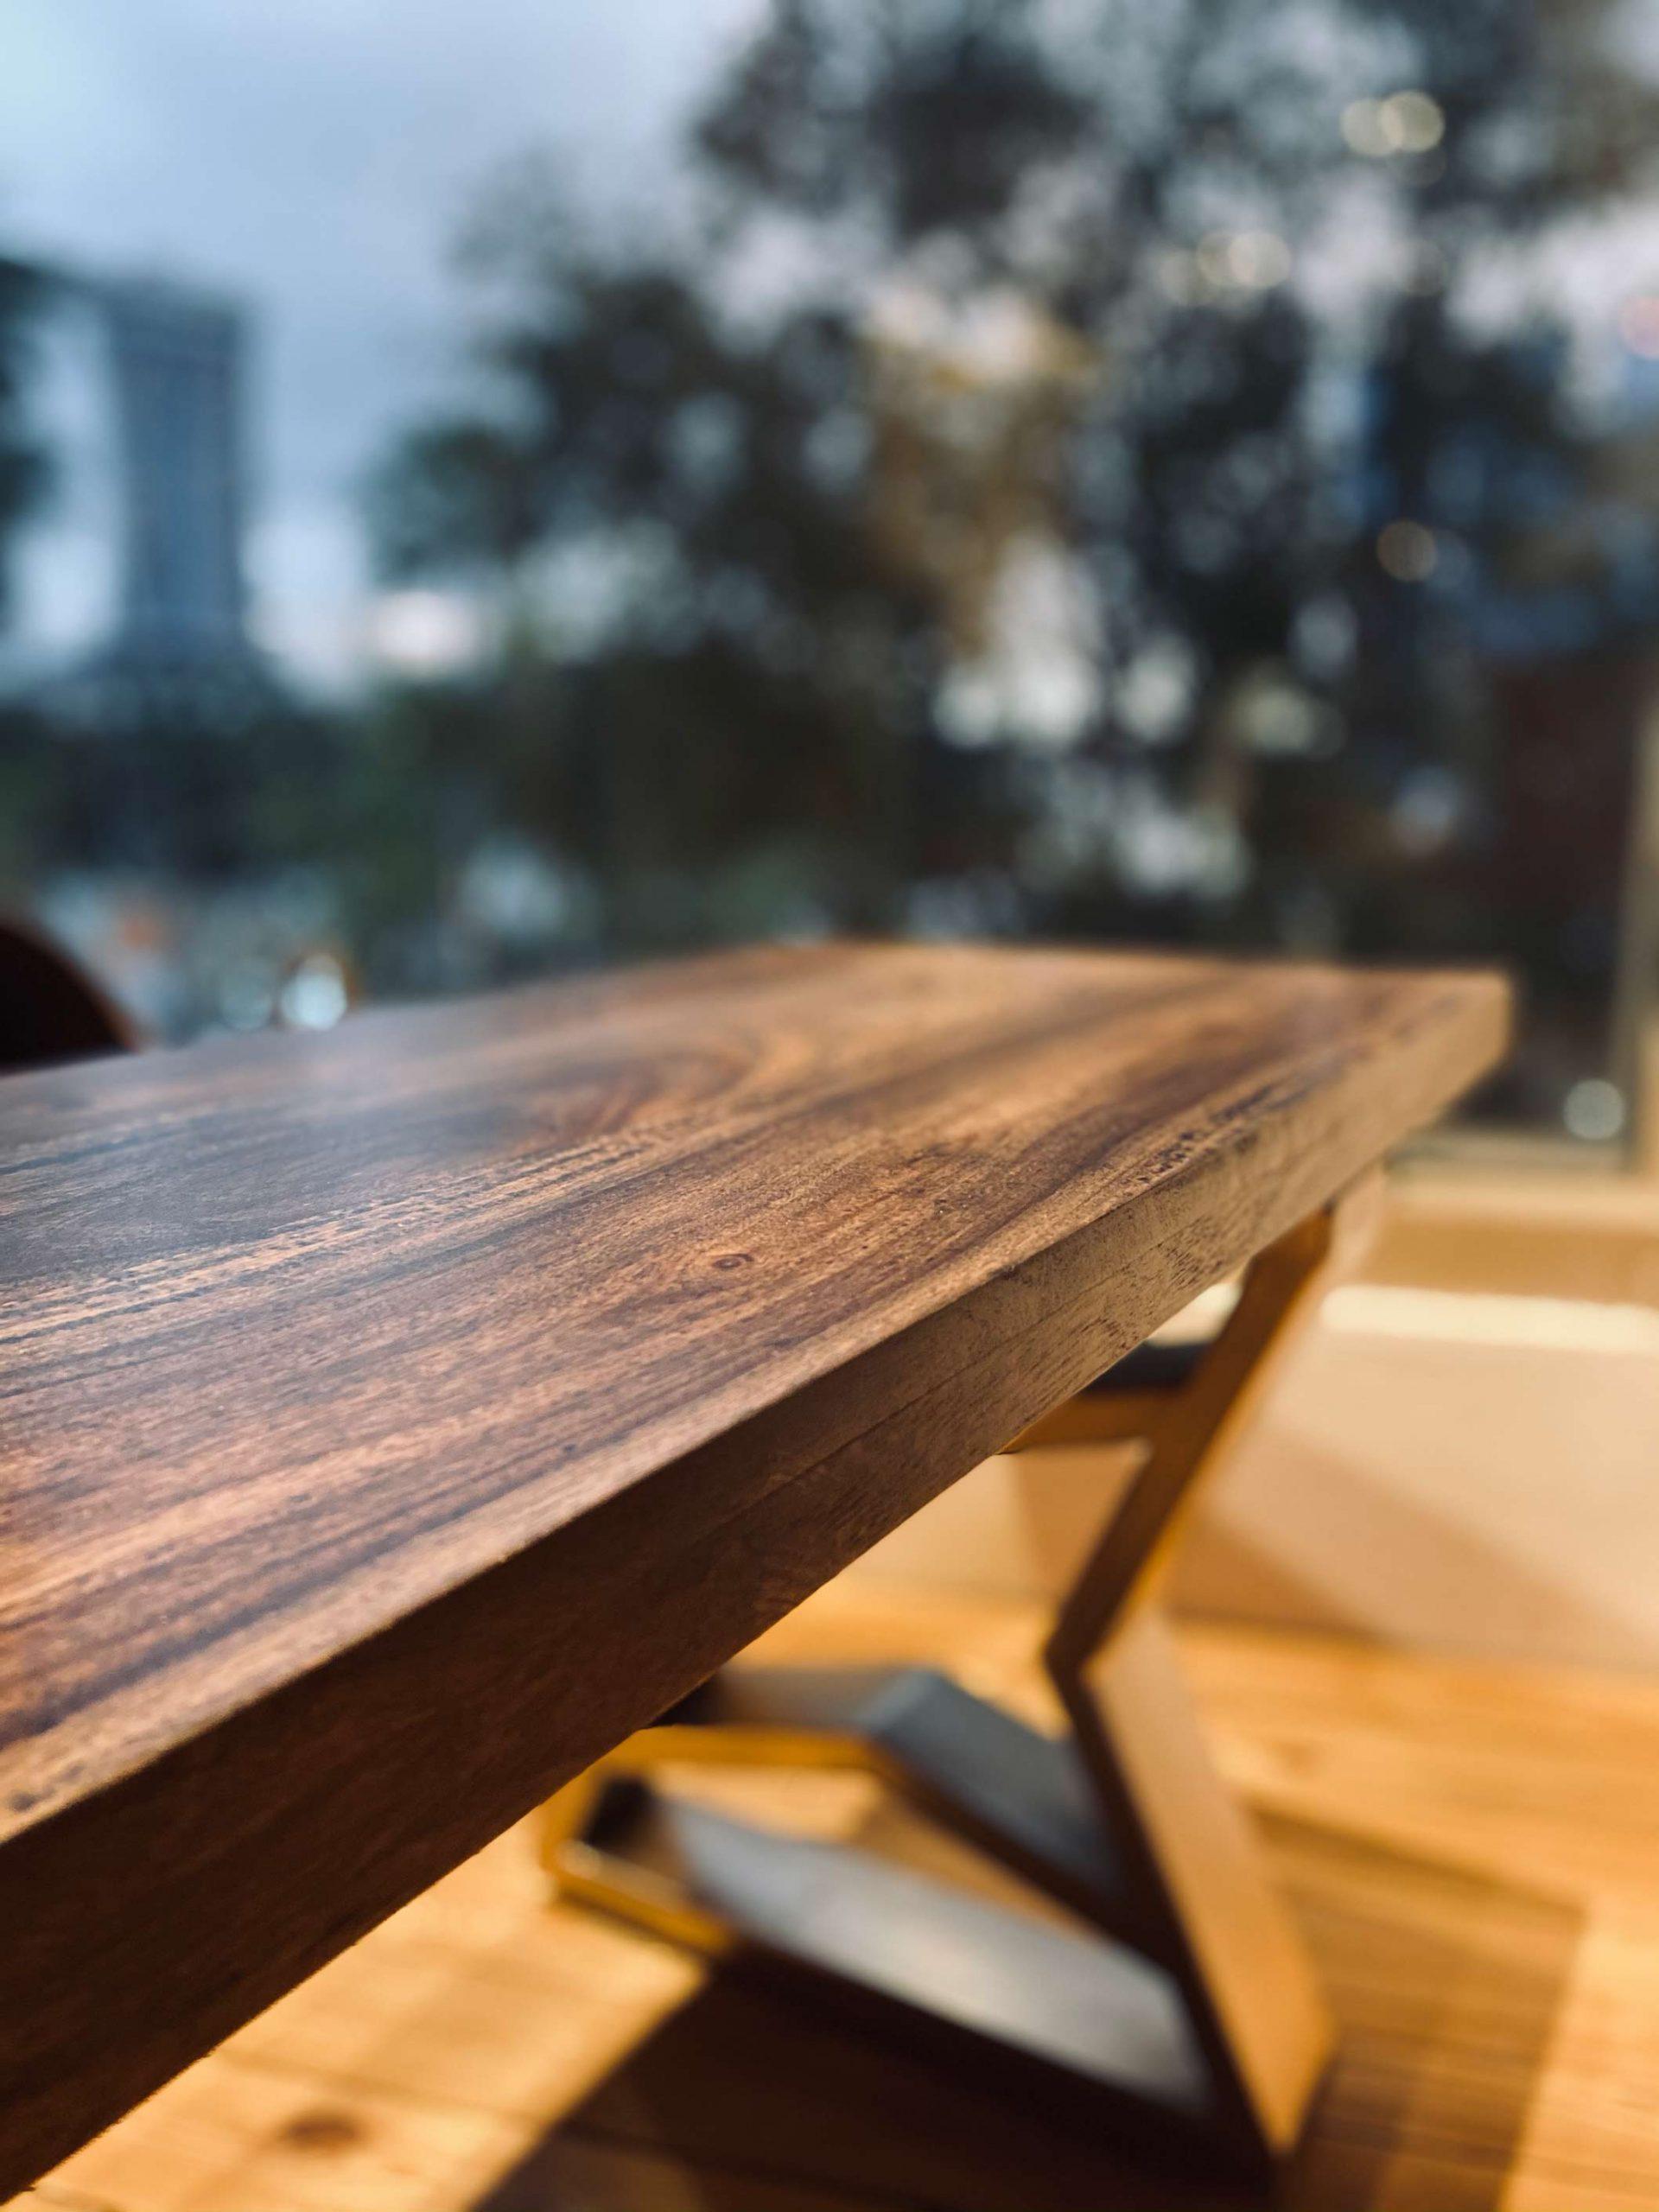 Suar Wood Table Angled View